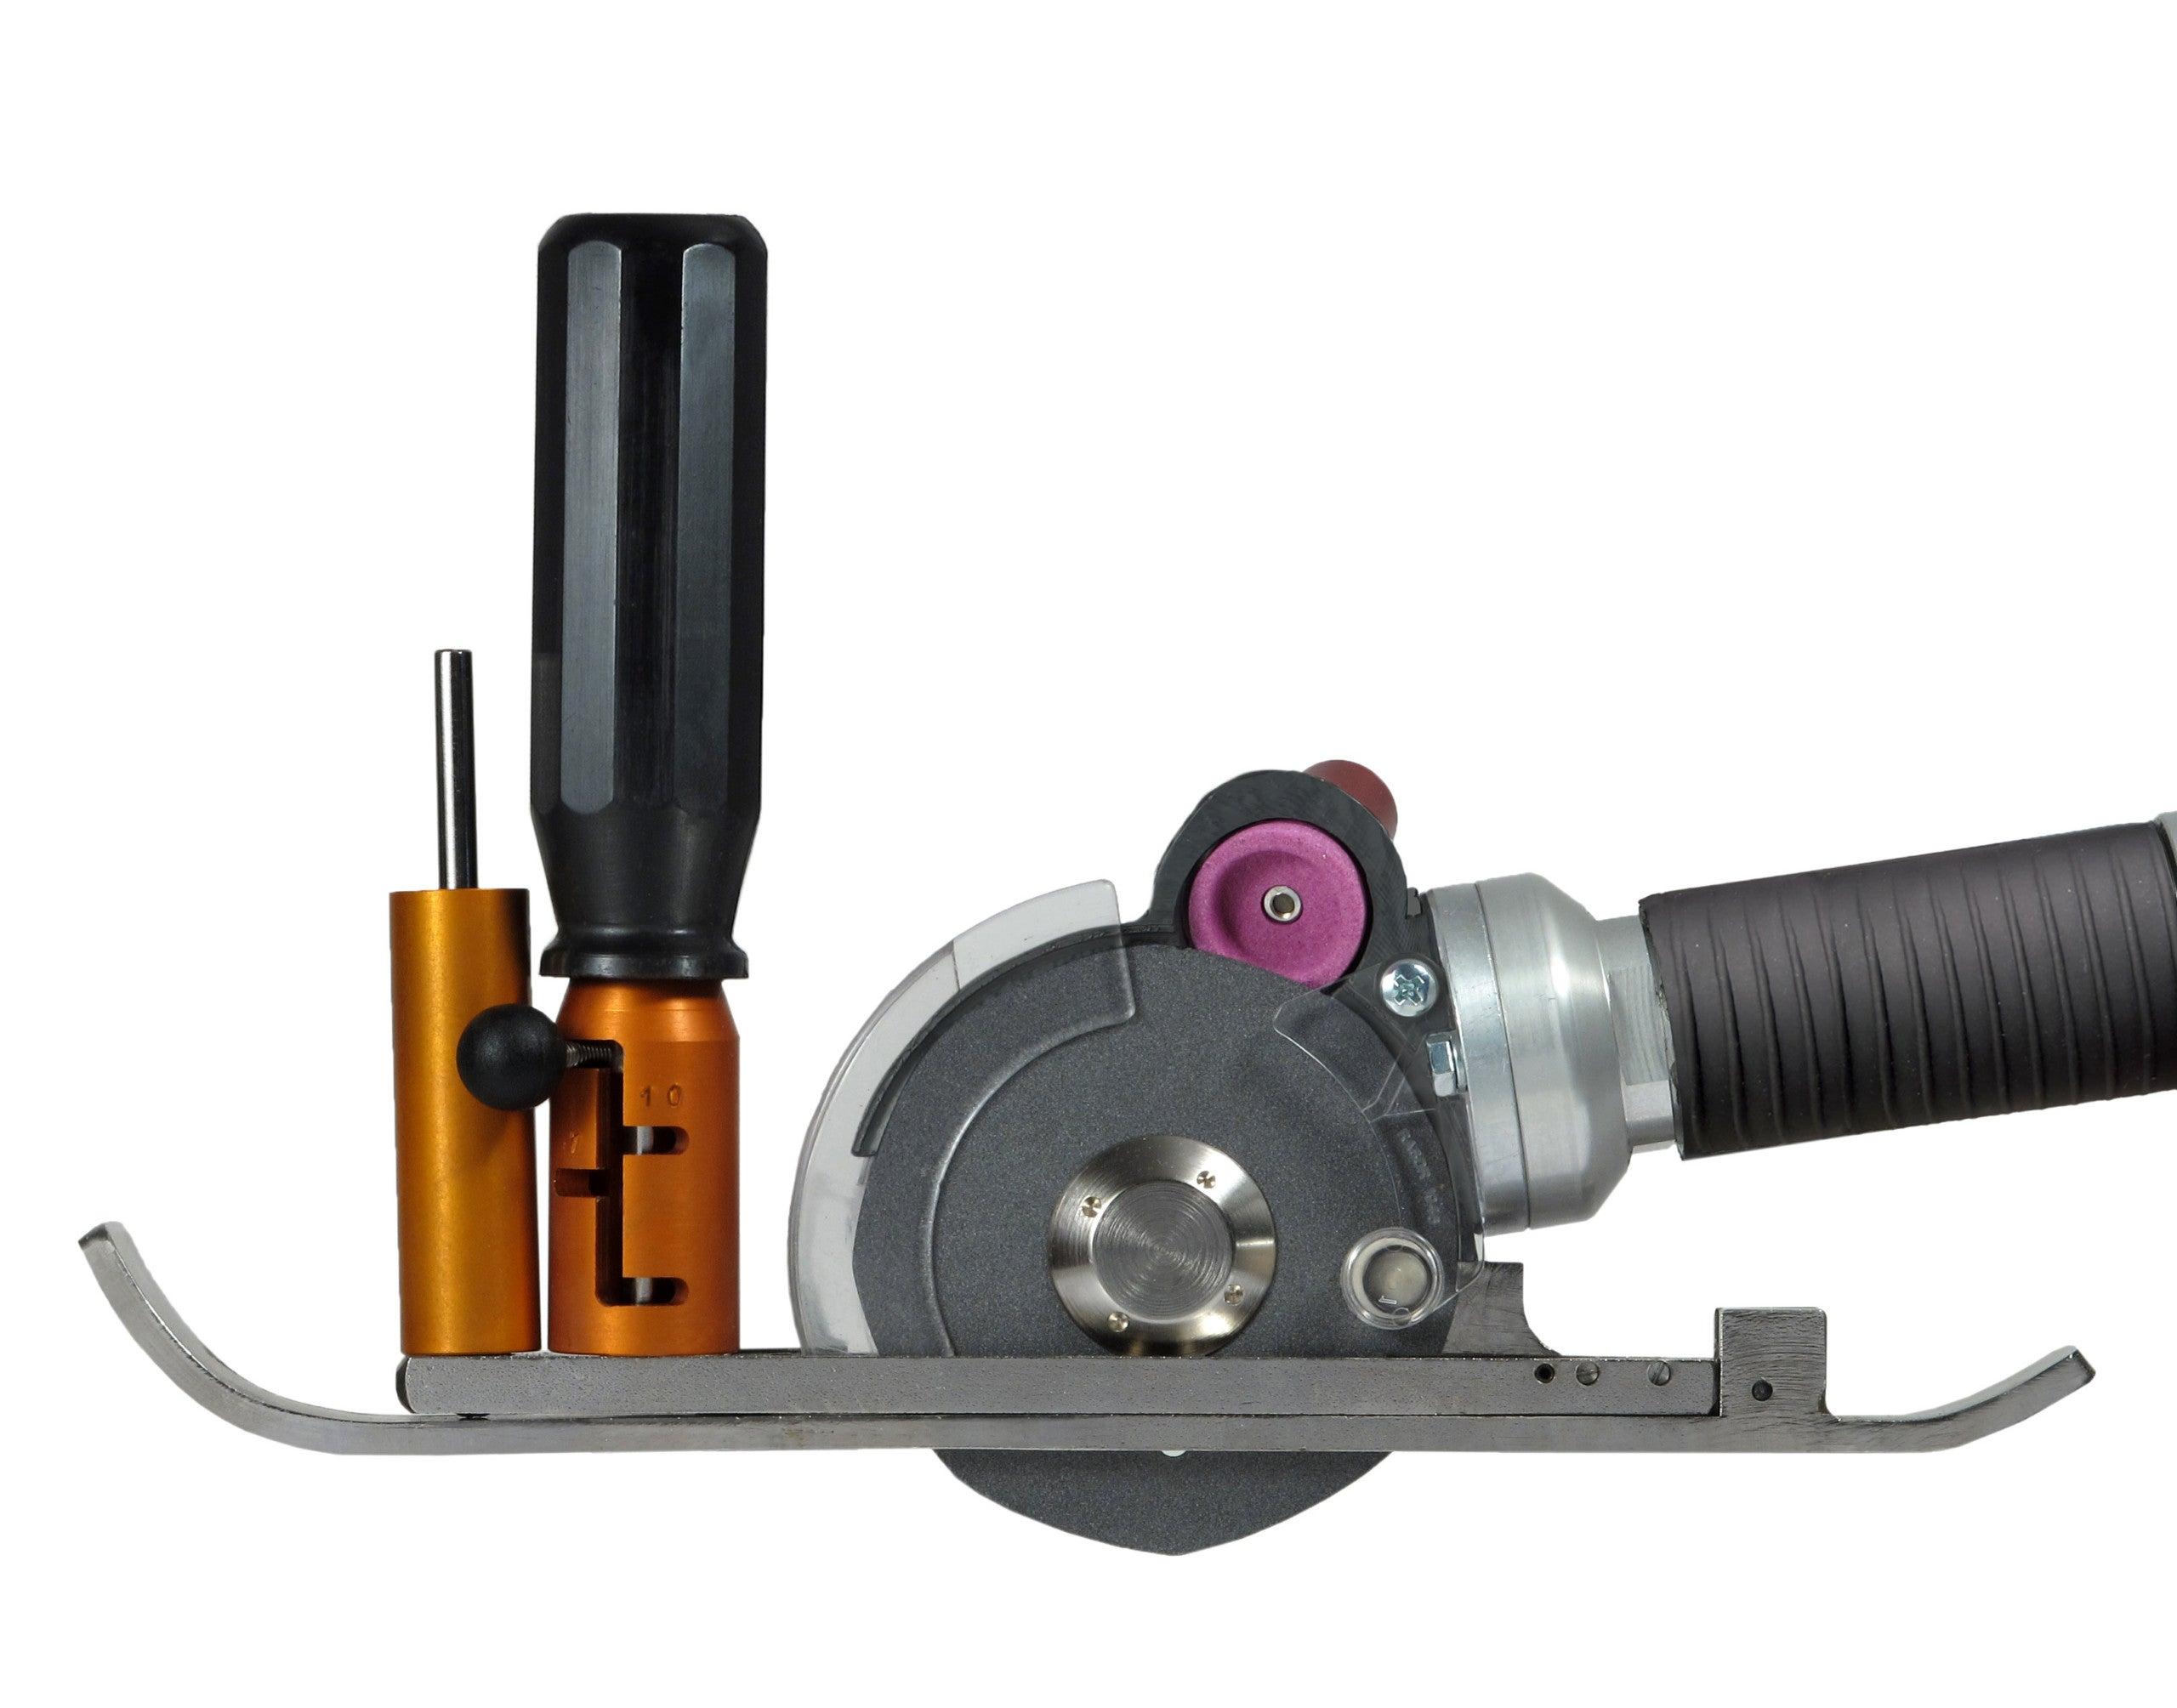 RASOR Druckluftschere FP861 RC